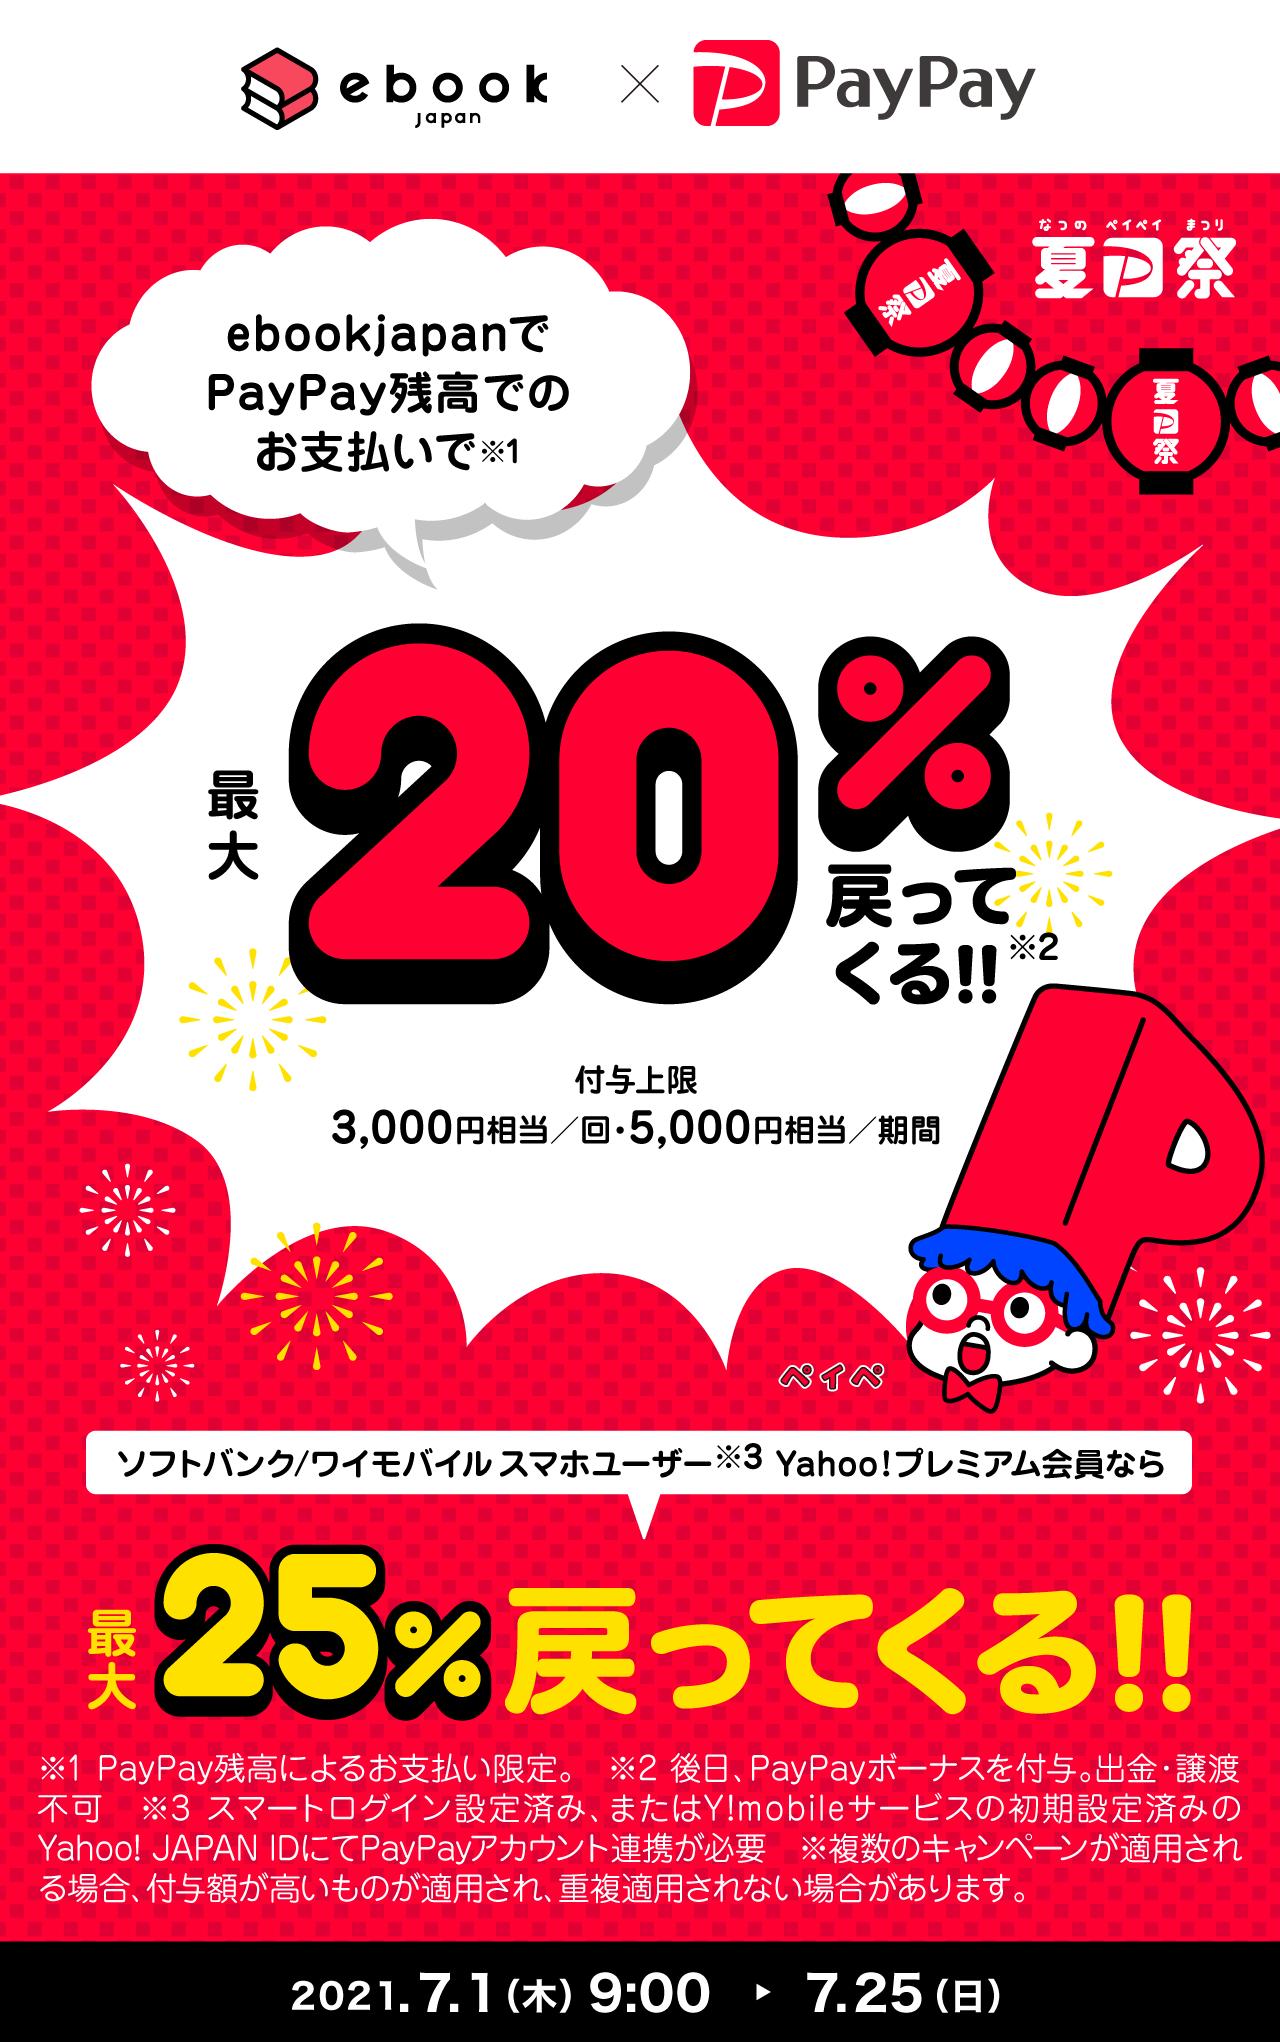 ebookjapanでPayPay残高でのお支払いで 最大20%戻ってくる!!